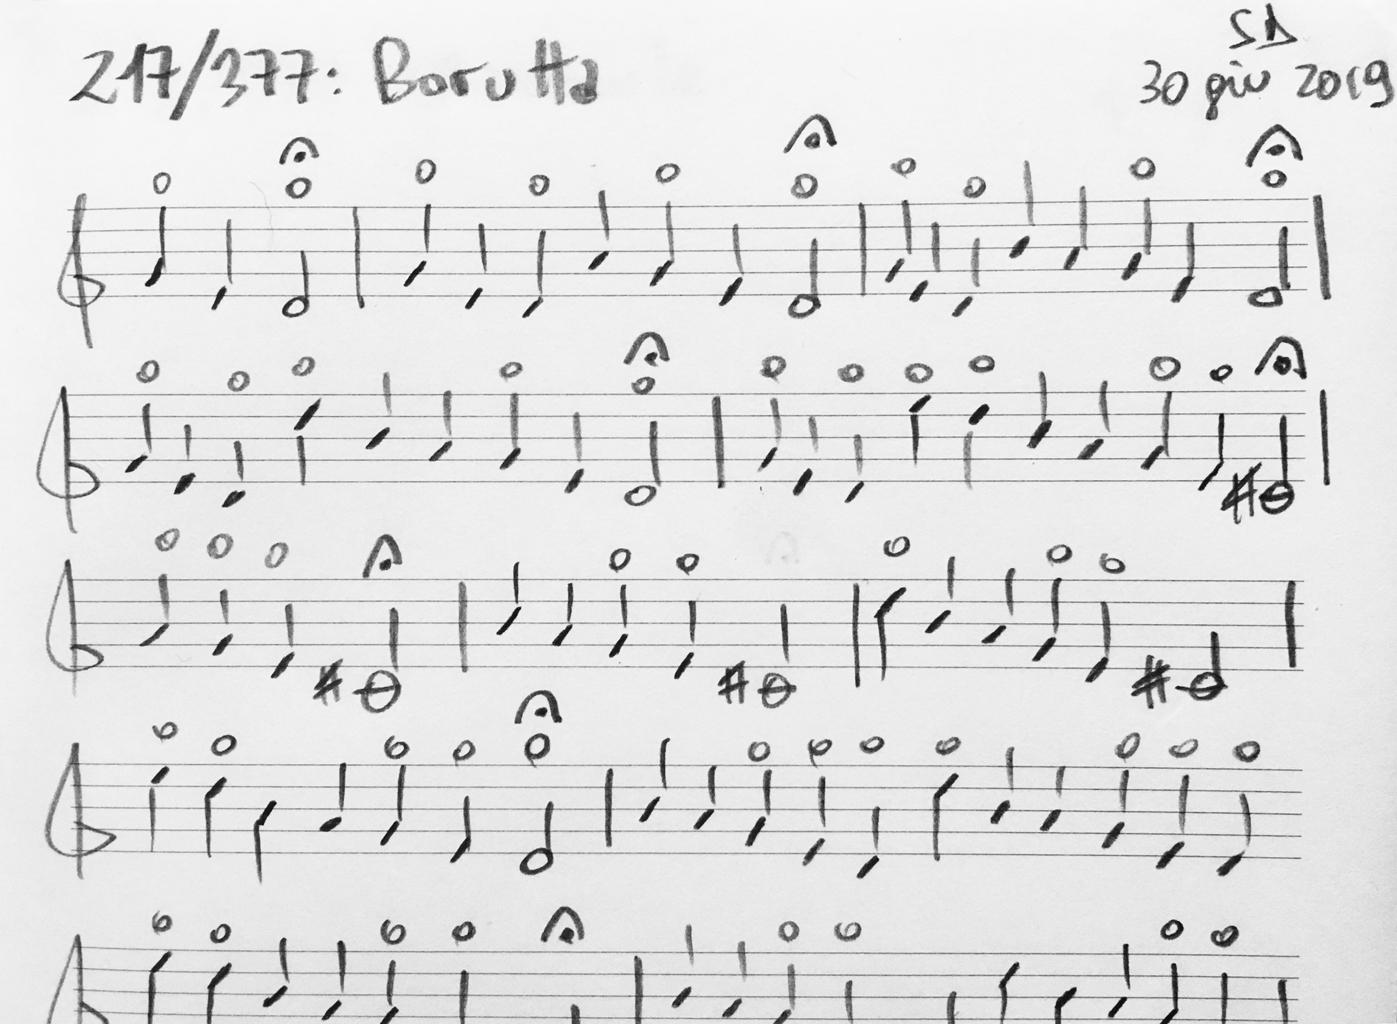 217-Borutta-score